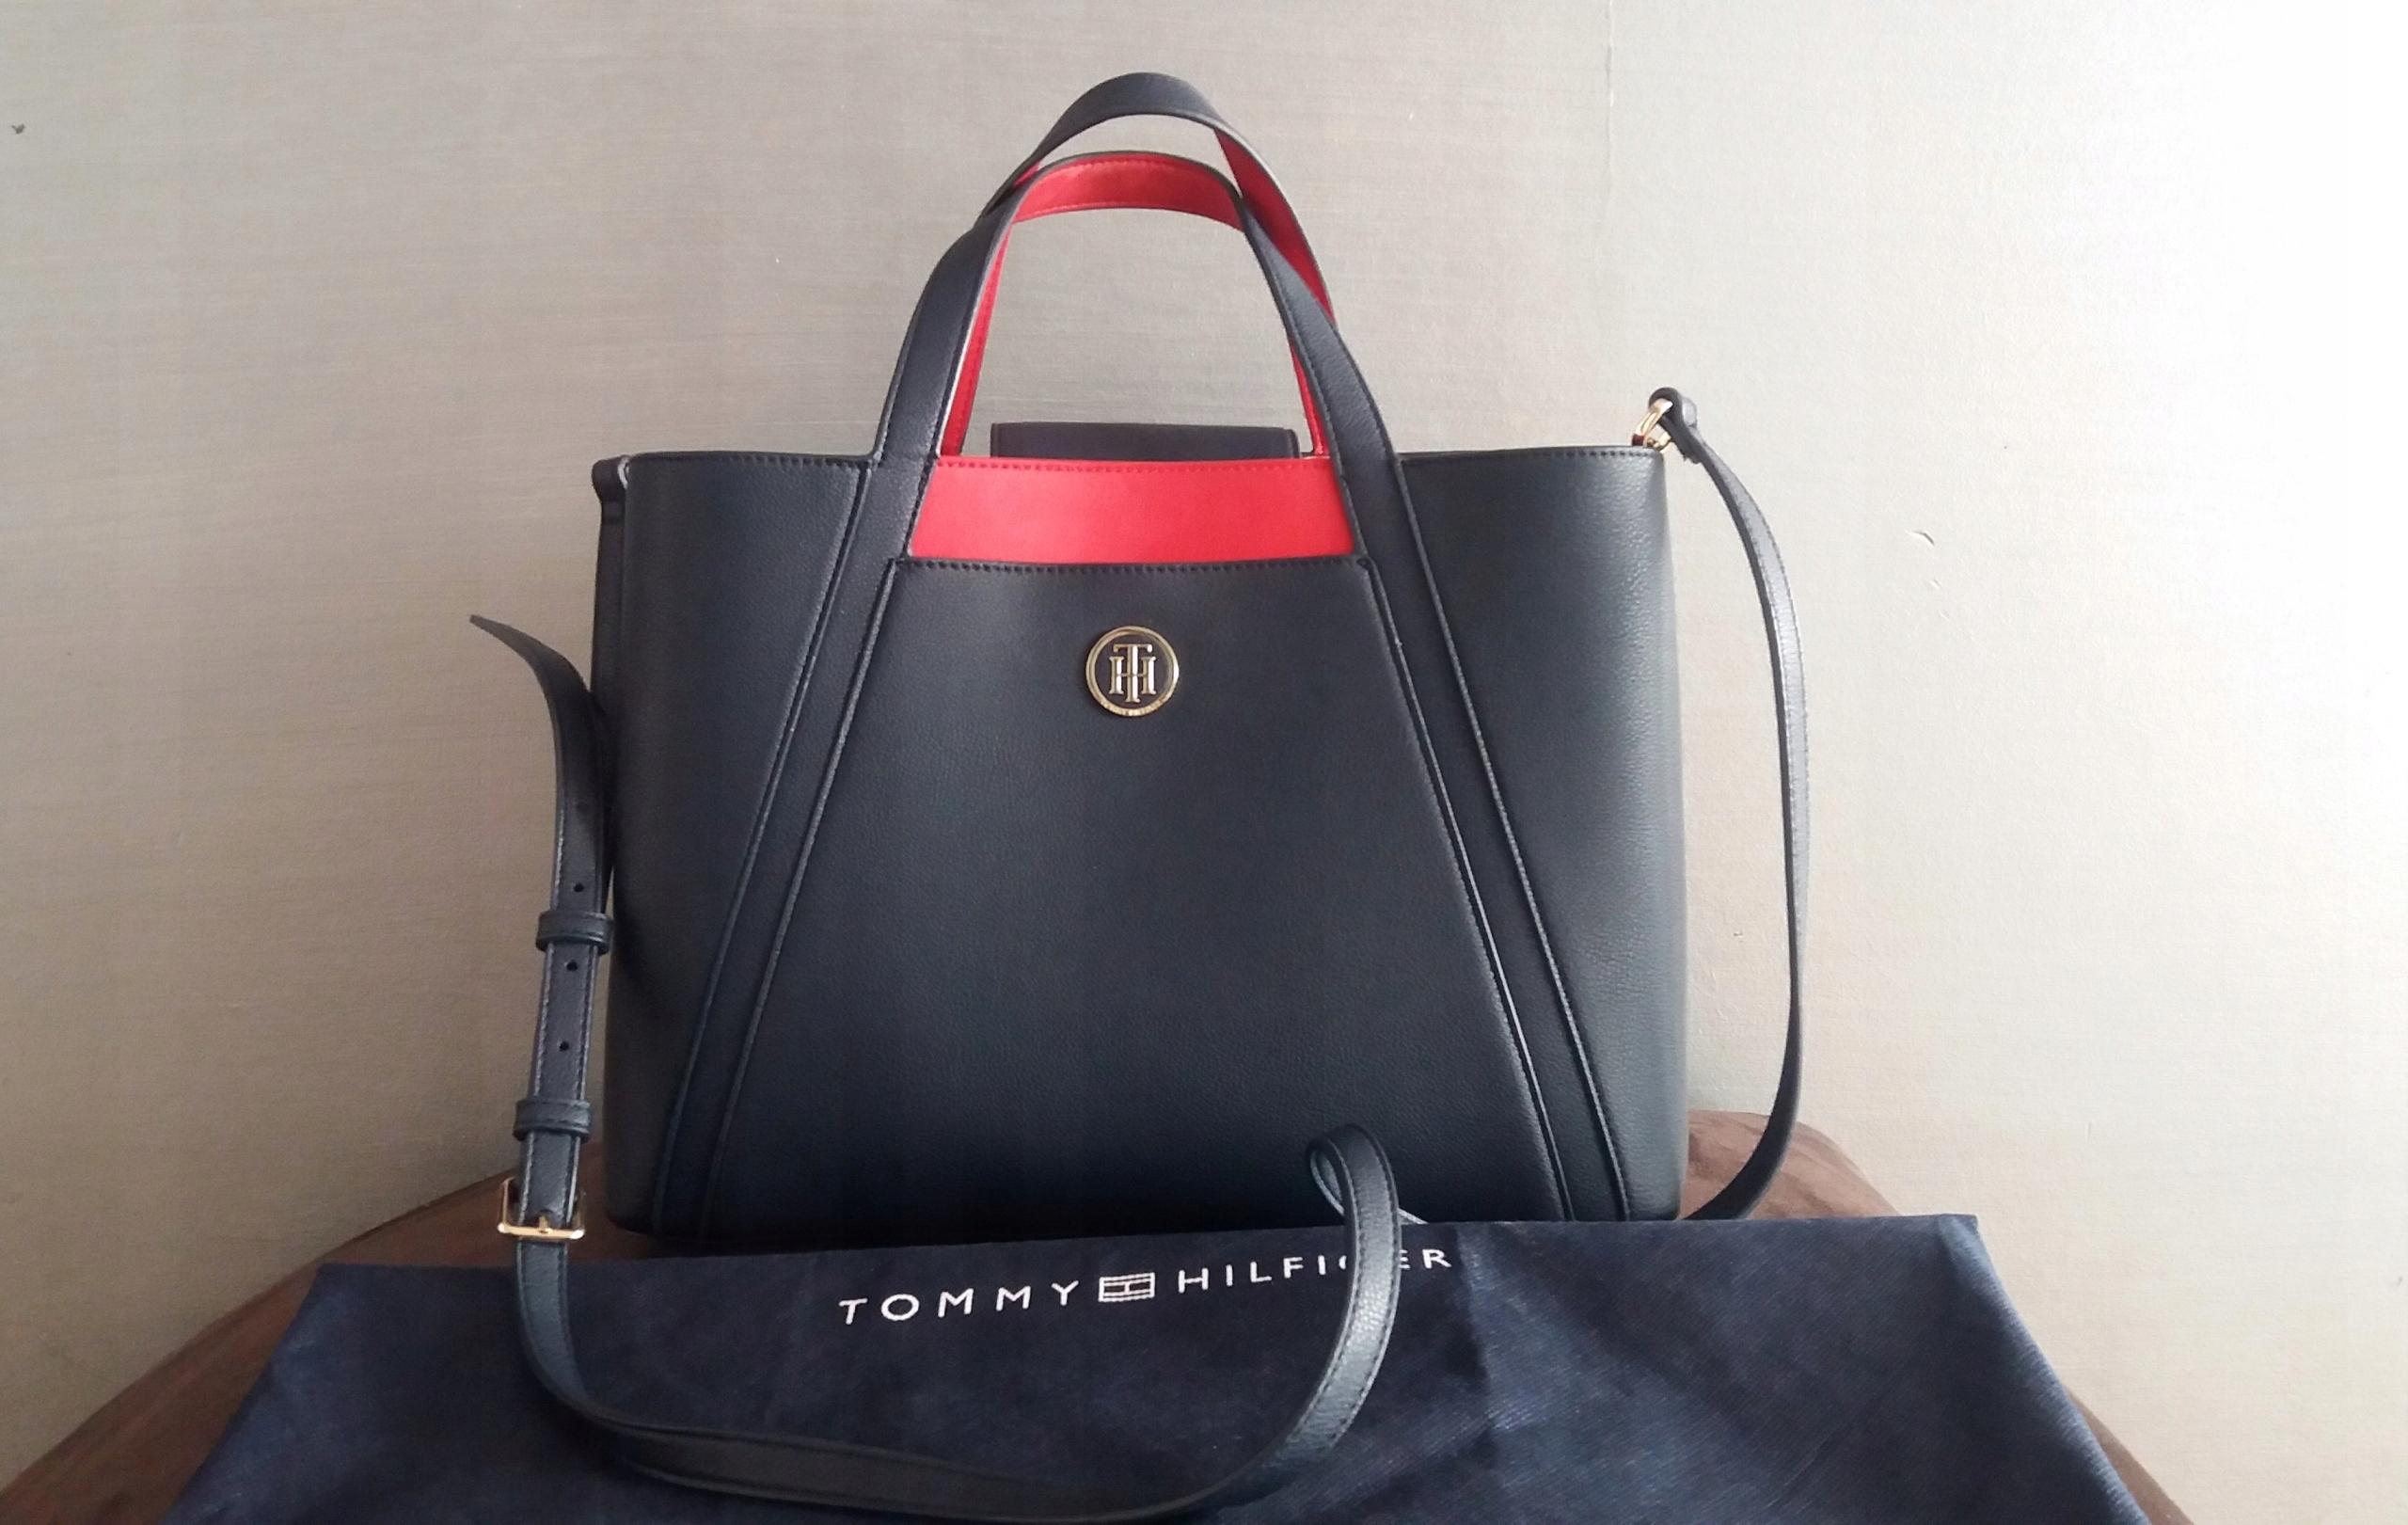 6d929a17baf02 Torebka Tommy Hilfiger Bag In Bag Workbag - 7544482857 - oficjalne ...